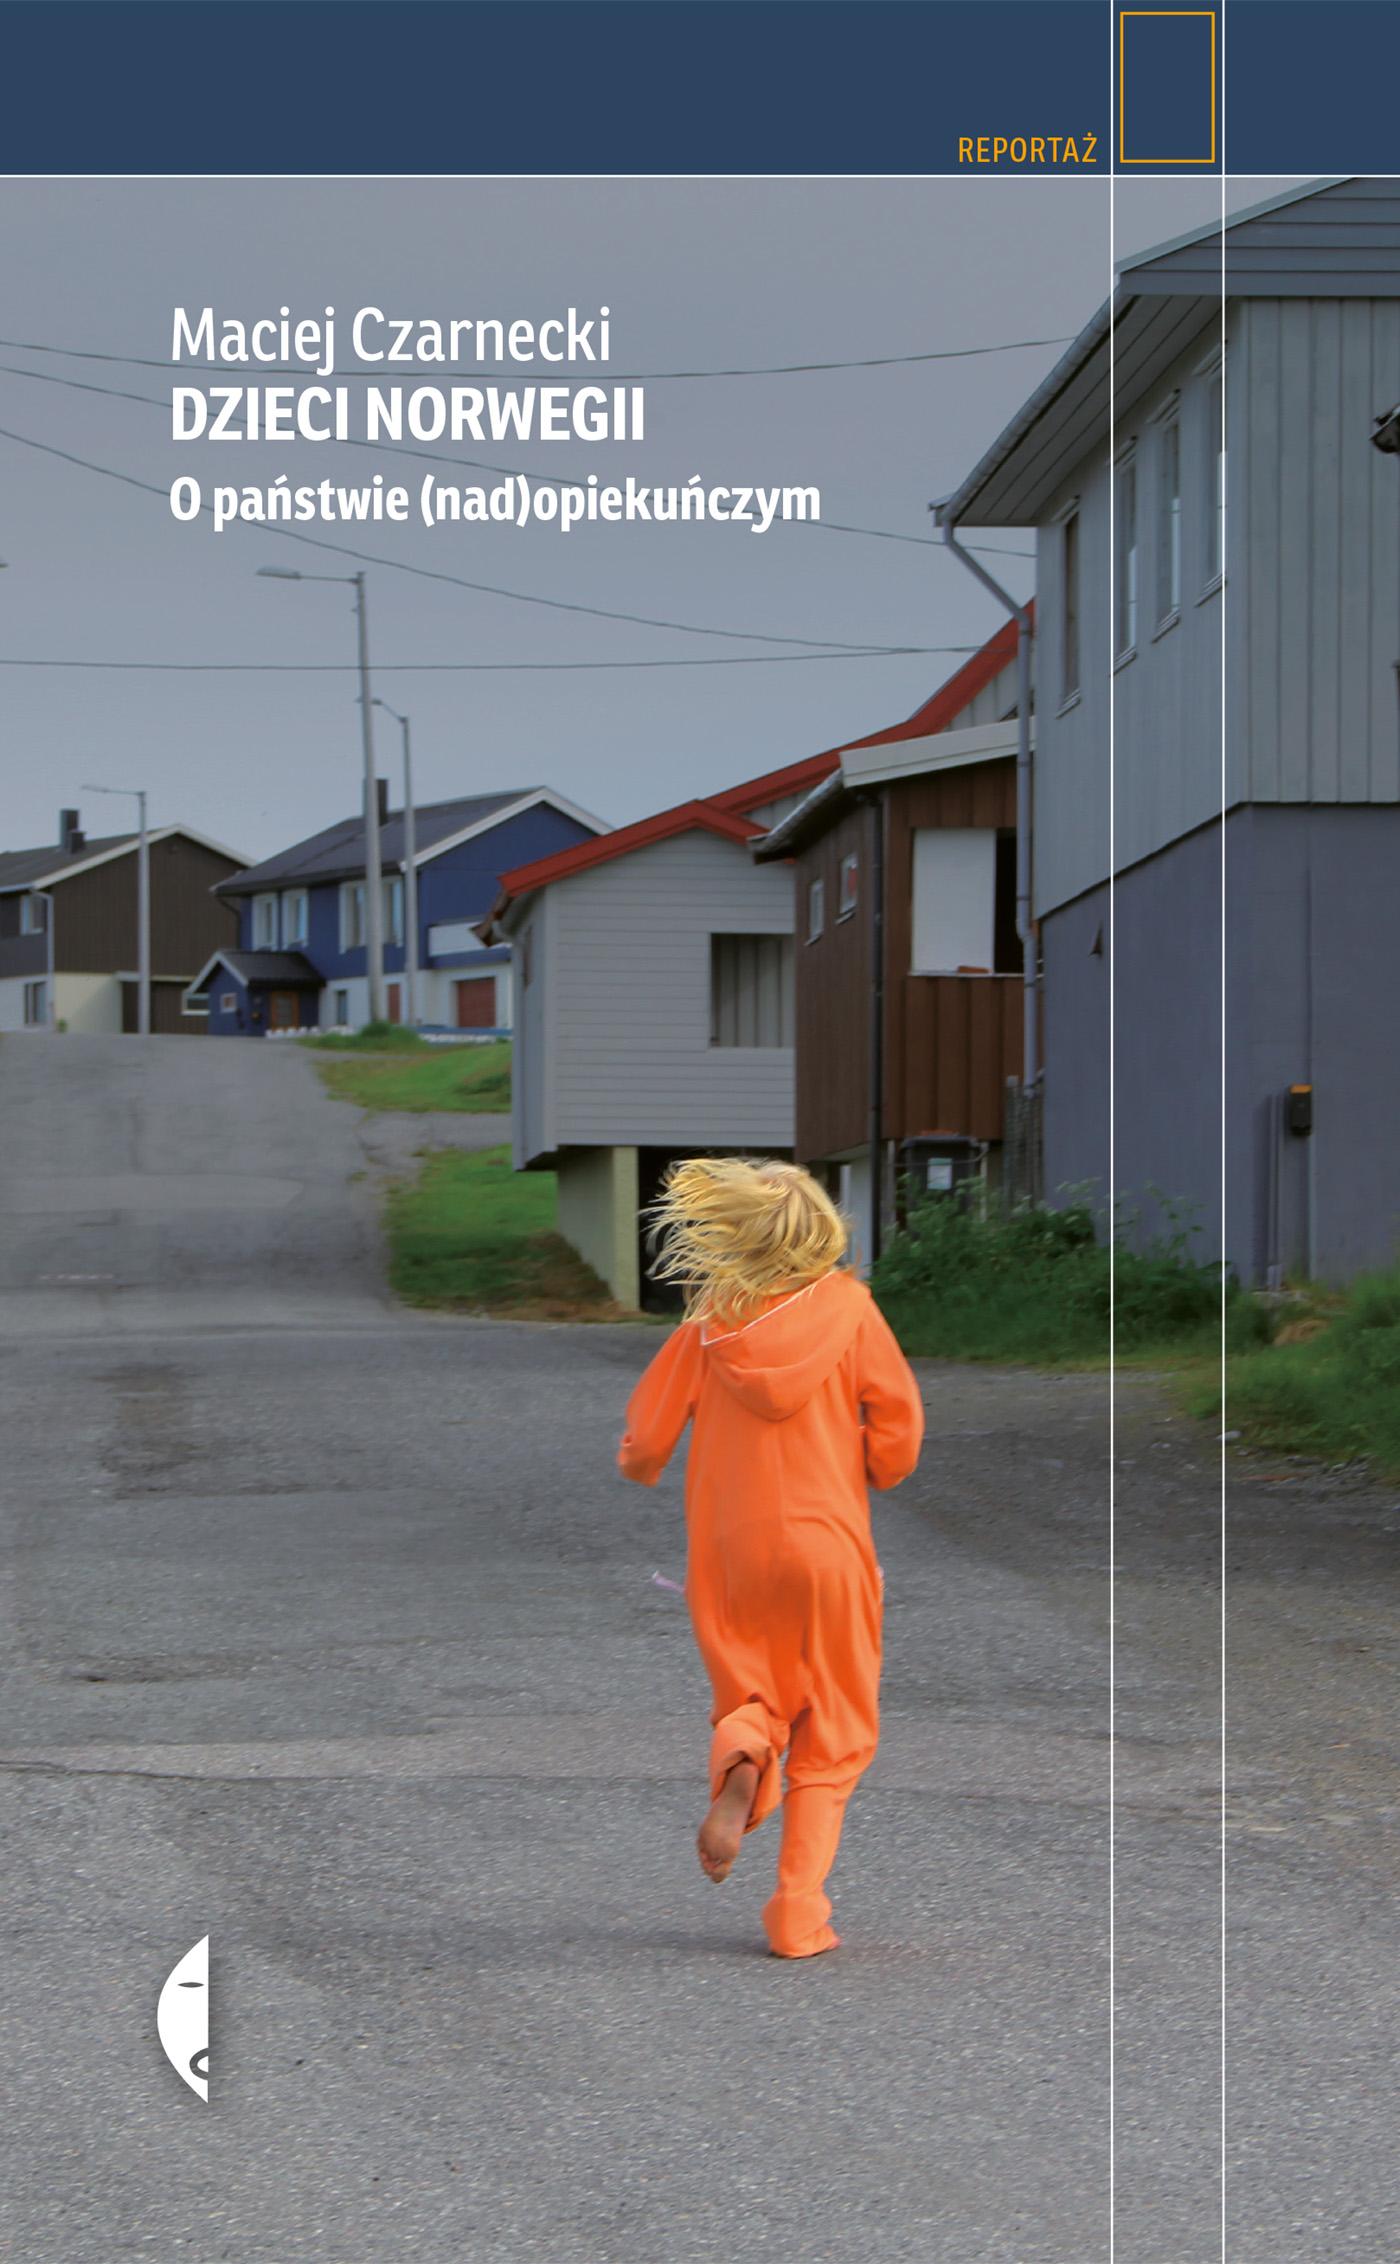 Dzieci norwegii o państwie nadopiekuńczym